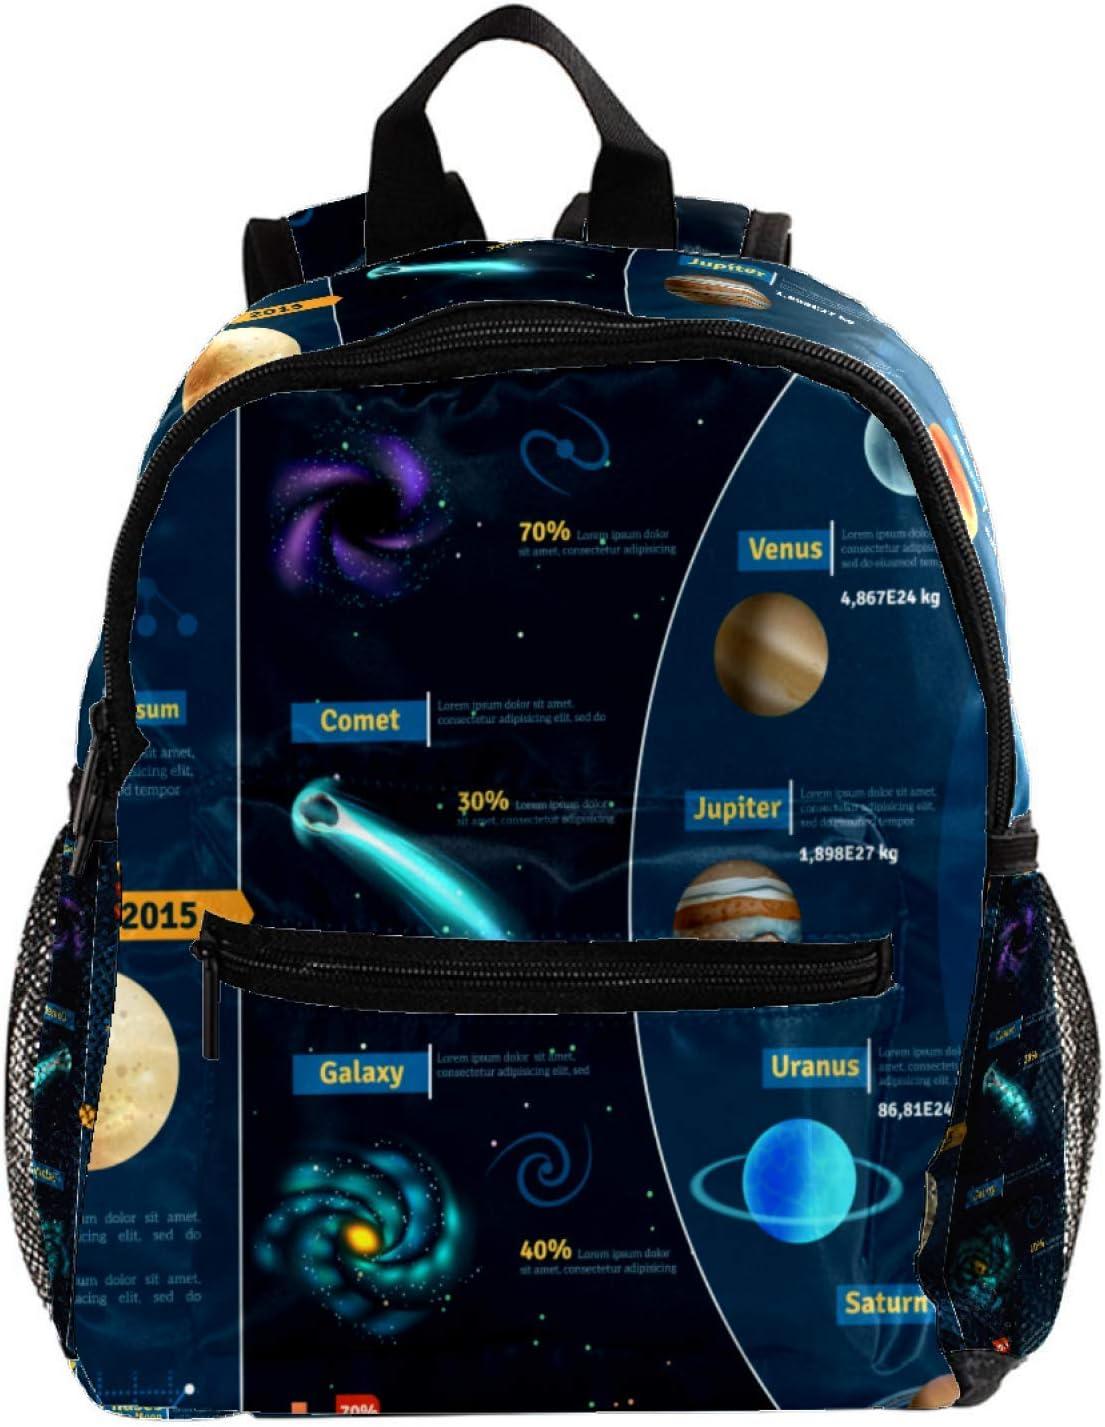 Mochila de espacio científico astronómico para niñas, mochilas escolares para niños, mochilas para niños, mochilas para niños, mochilas para niños, bolsas de viaje, lindo